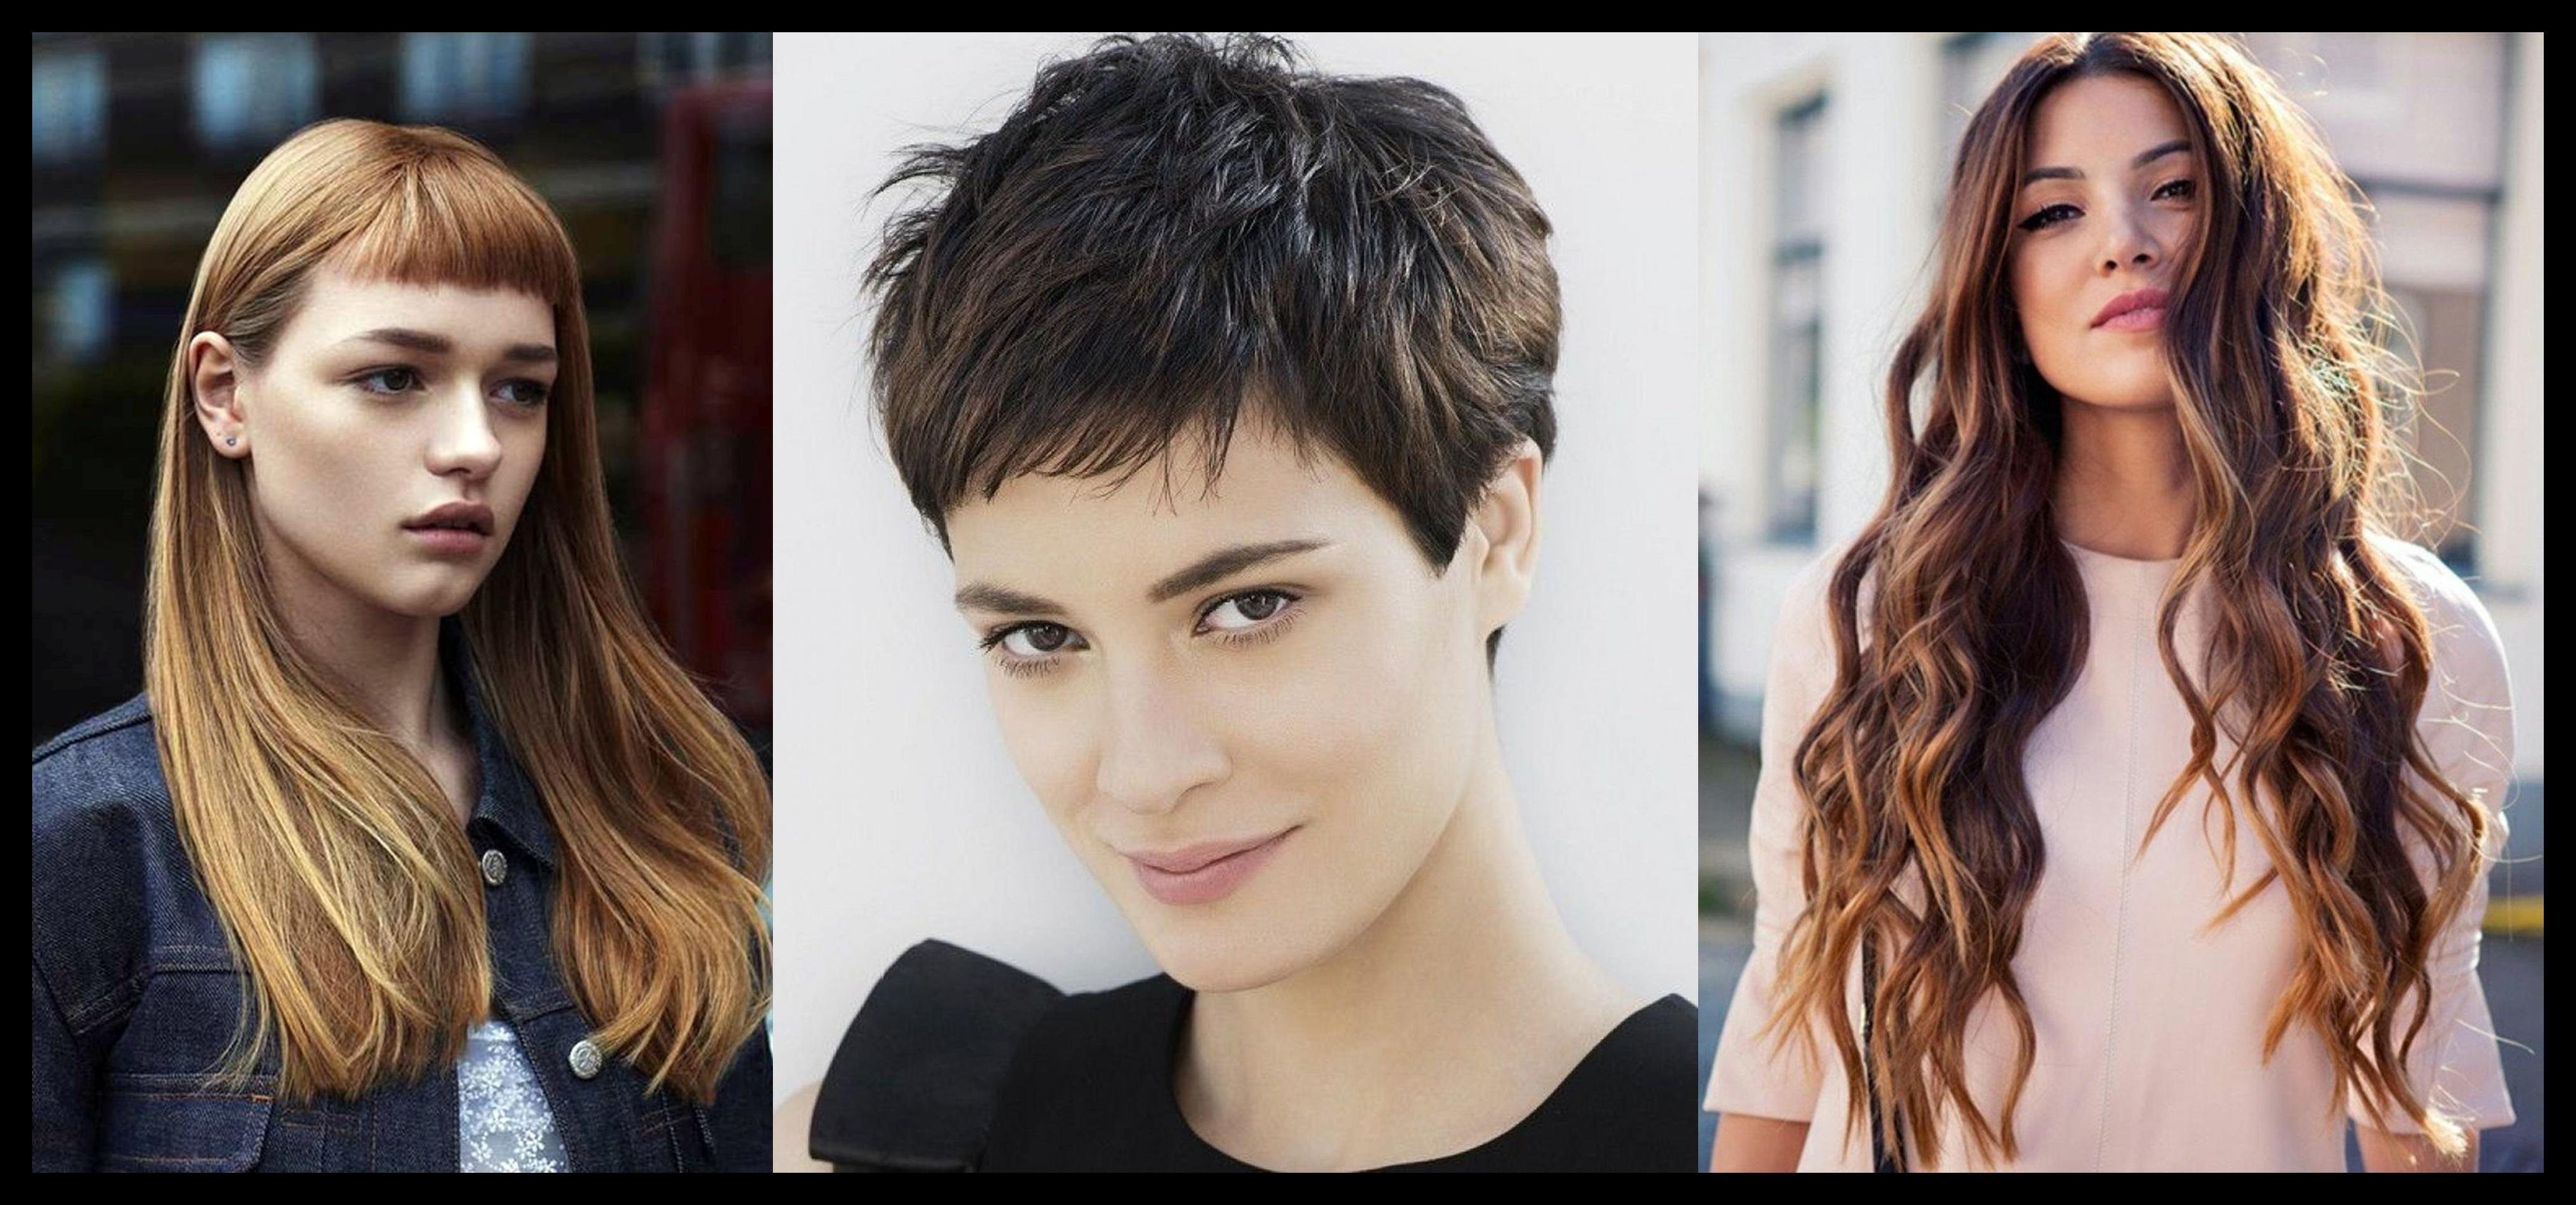 Yeni sezonda moda olacak saç trendleri